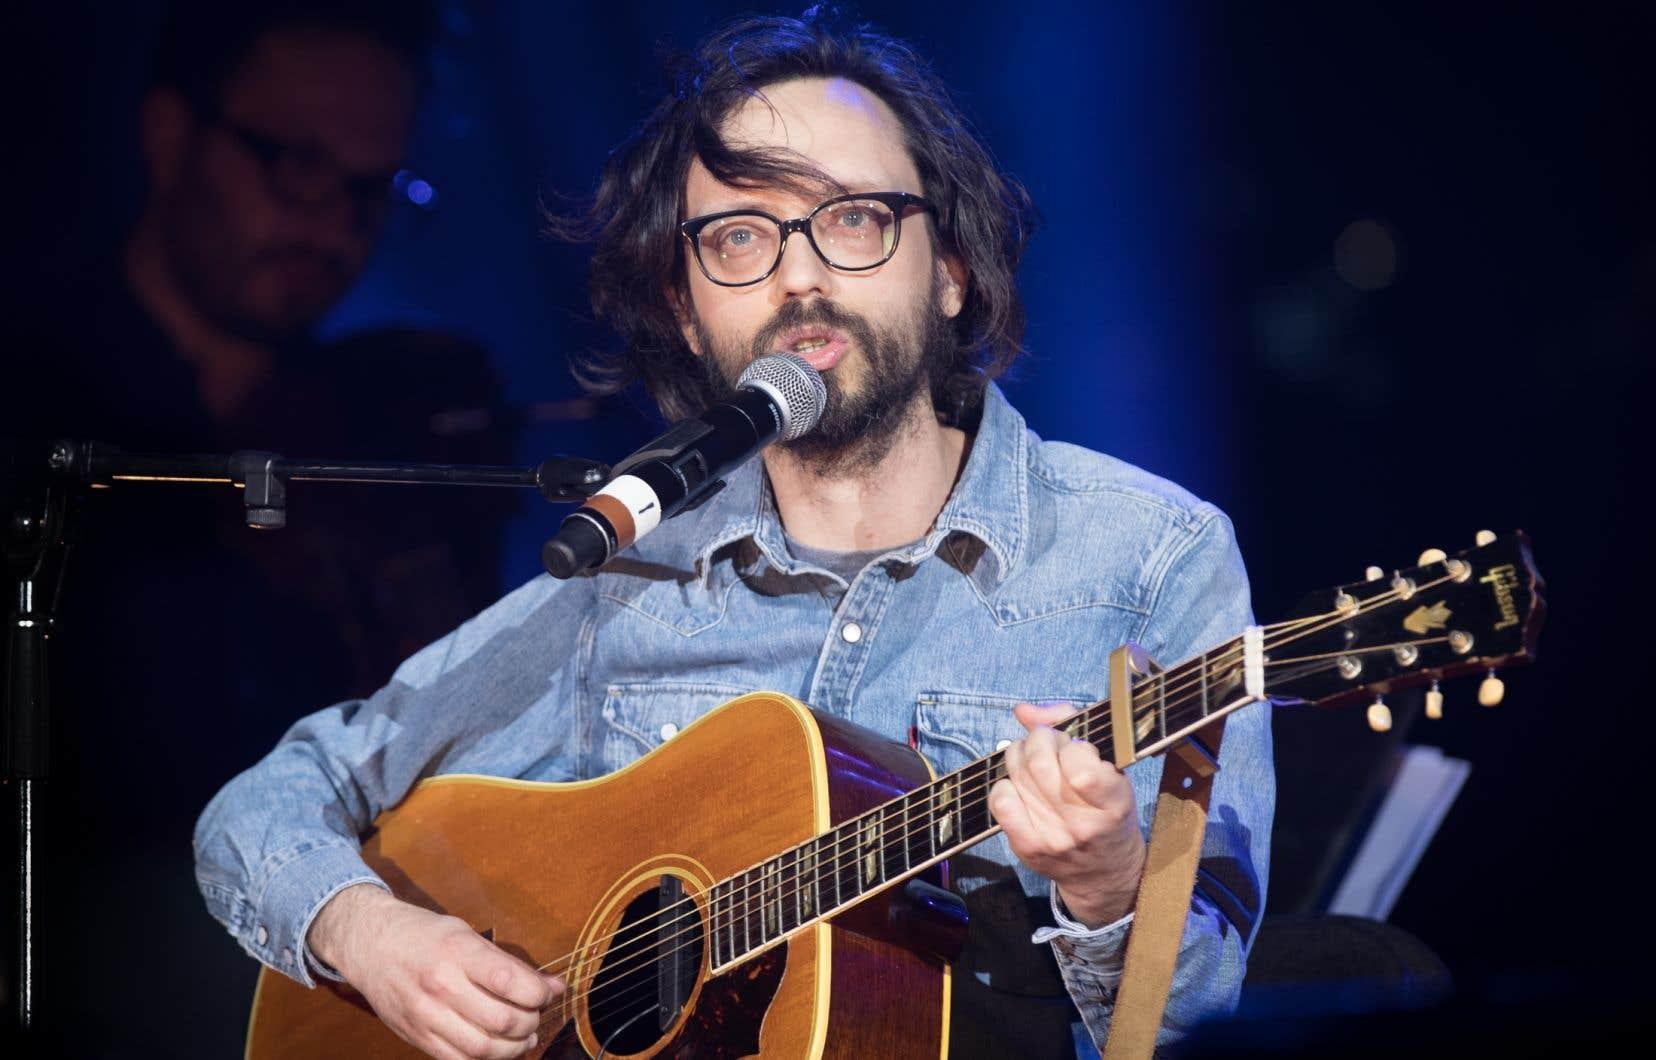 Philippe B (notre photo) sera de passage au Coup de coeur francophone dans le cadre d'un concert exclusif.